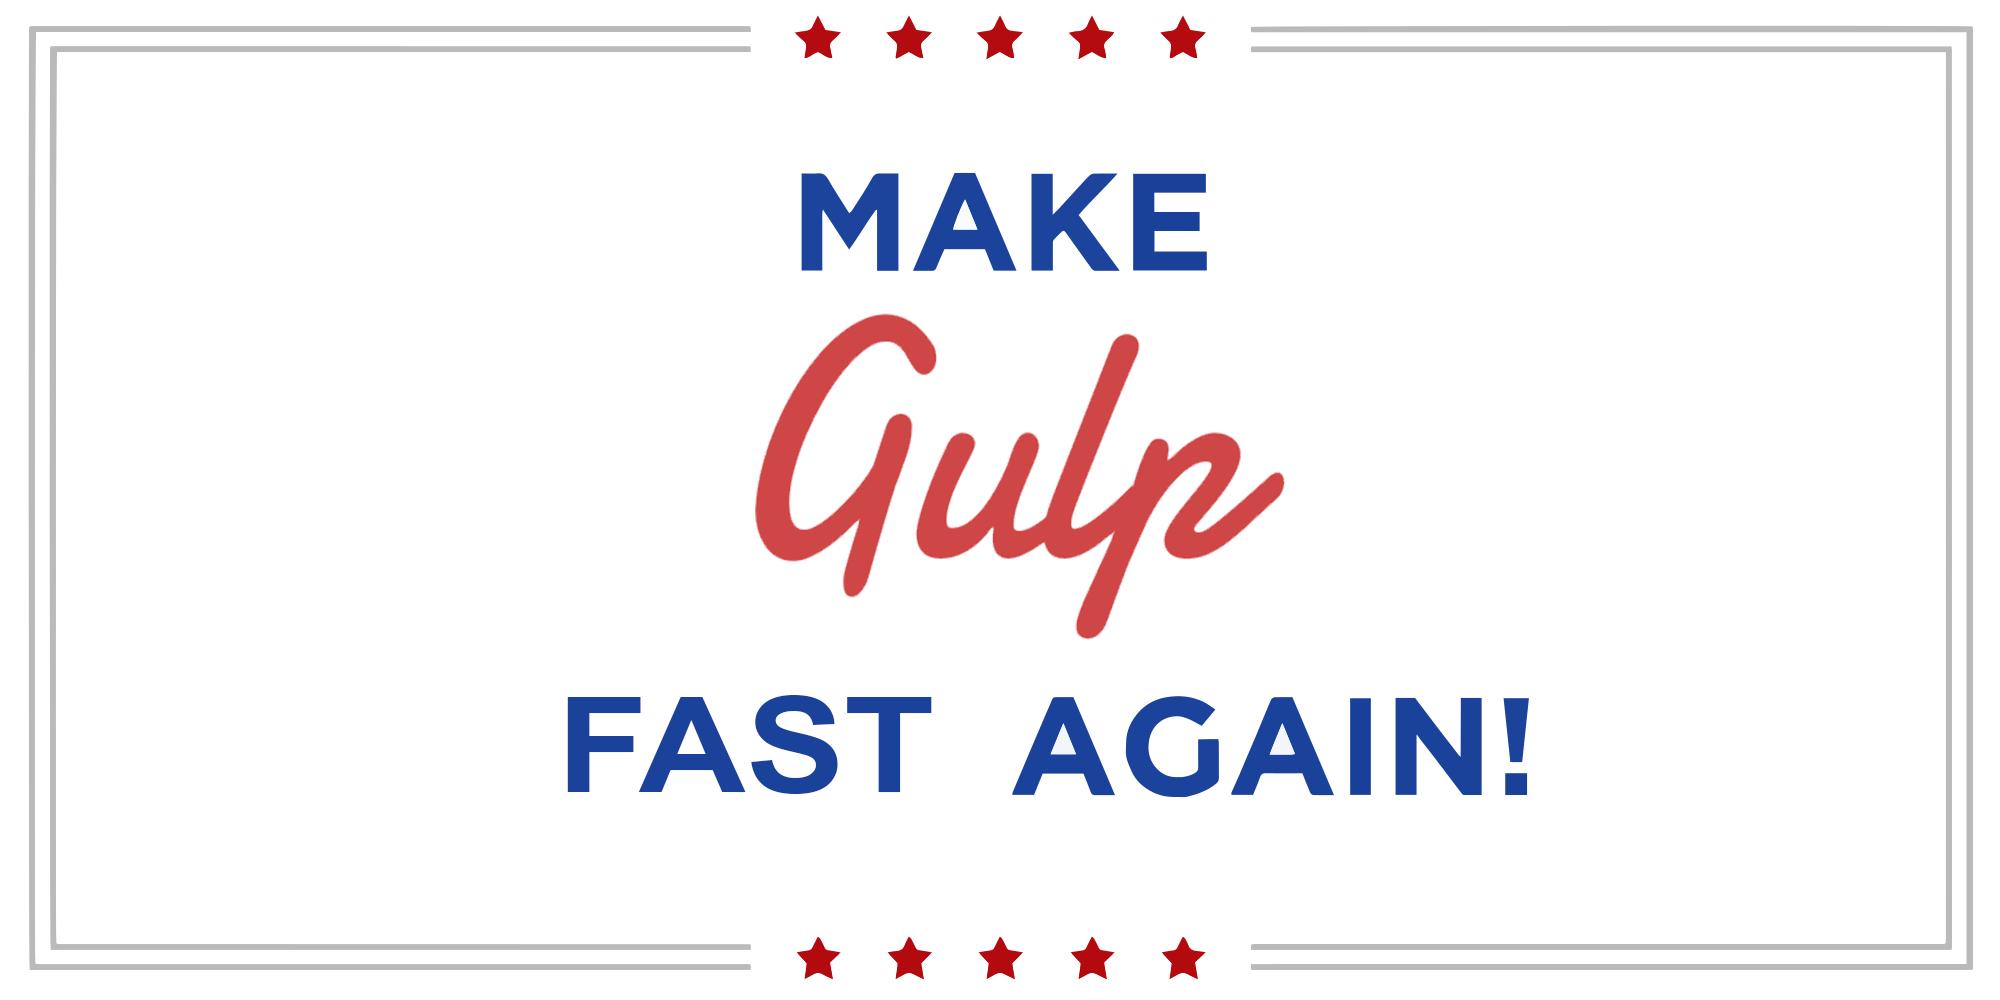 Make Gulp Fast Again